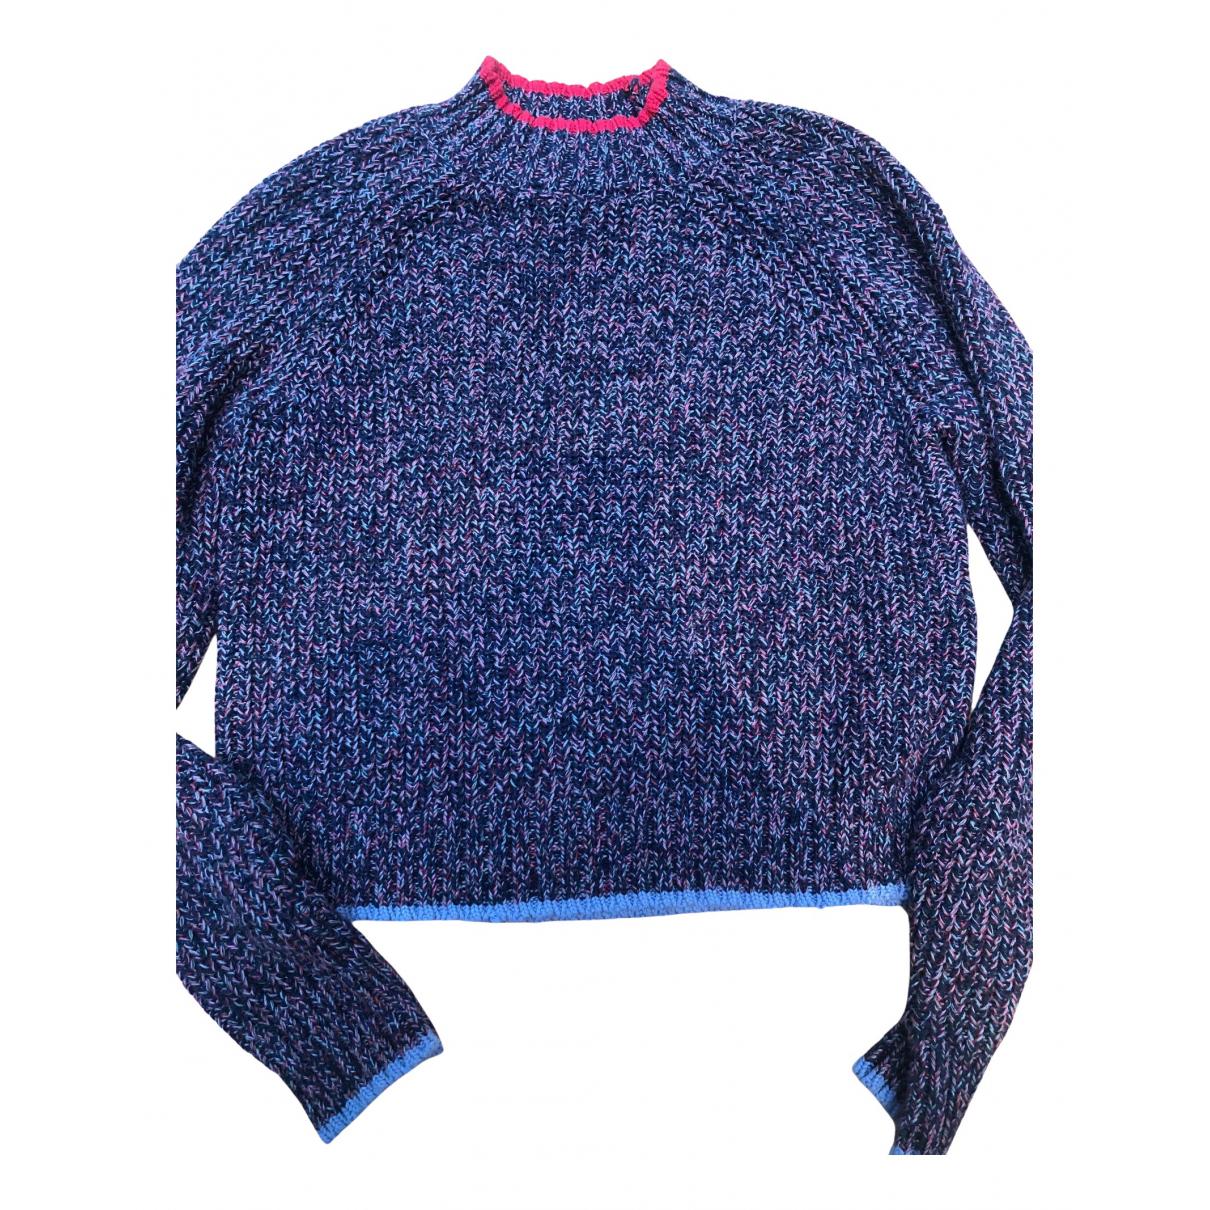 Rag & Bone N Multicolour Cotton Knitwear for Women S International